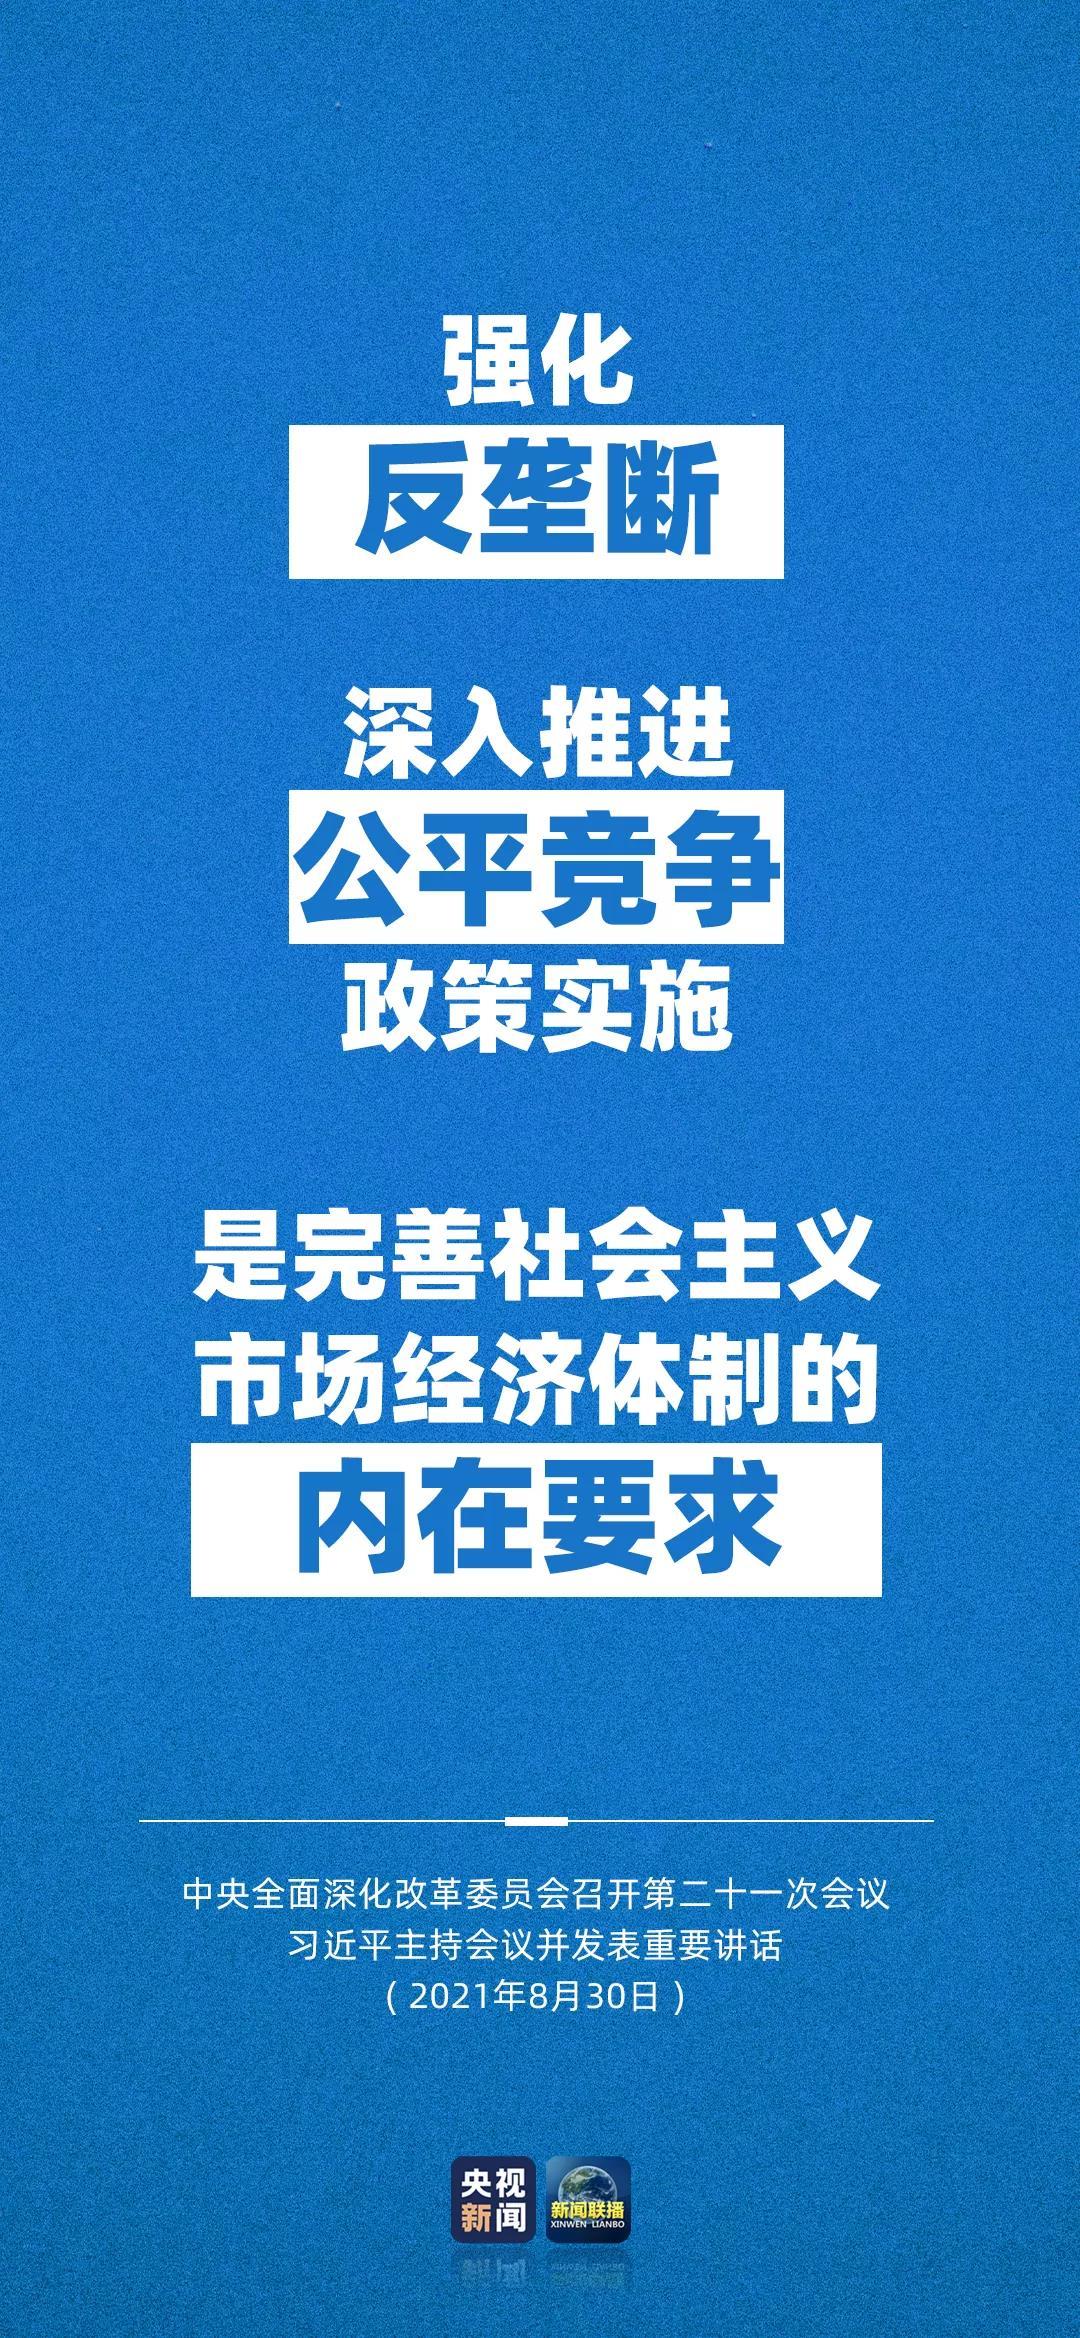 中央再部署反垄断工作,四领域顶层设计将提速!